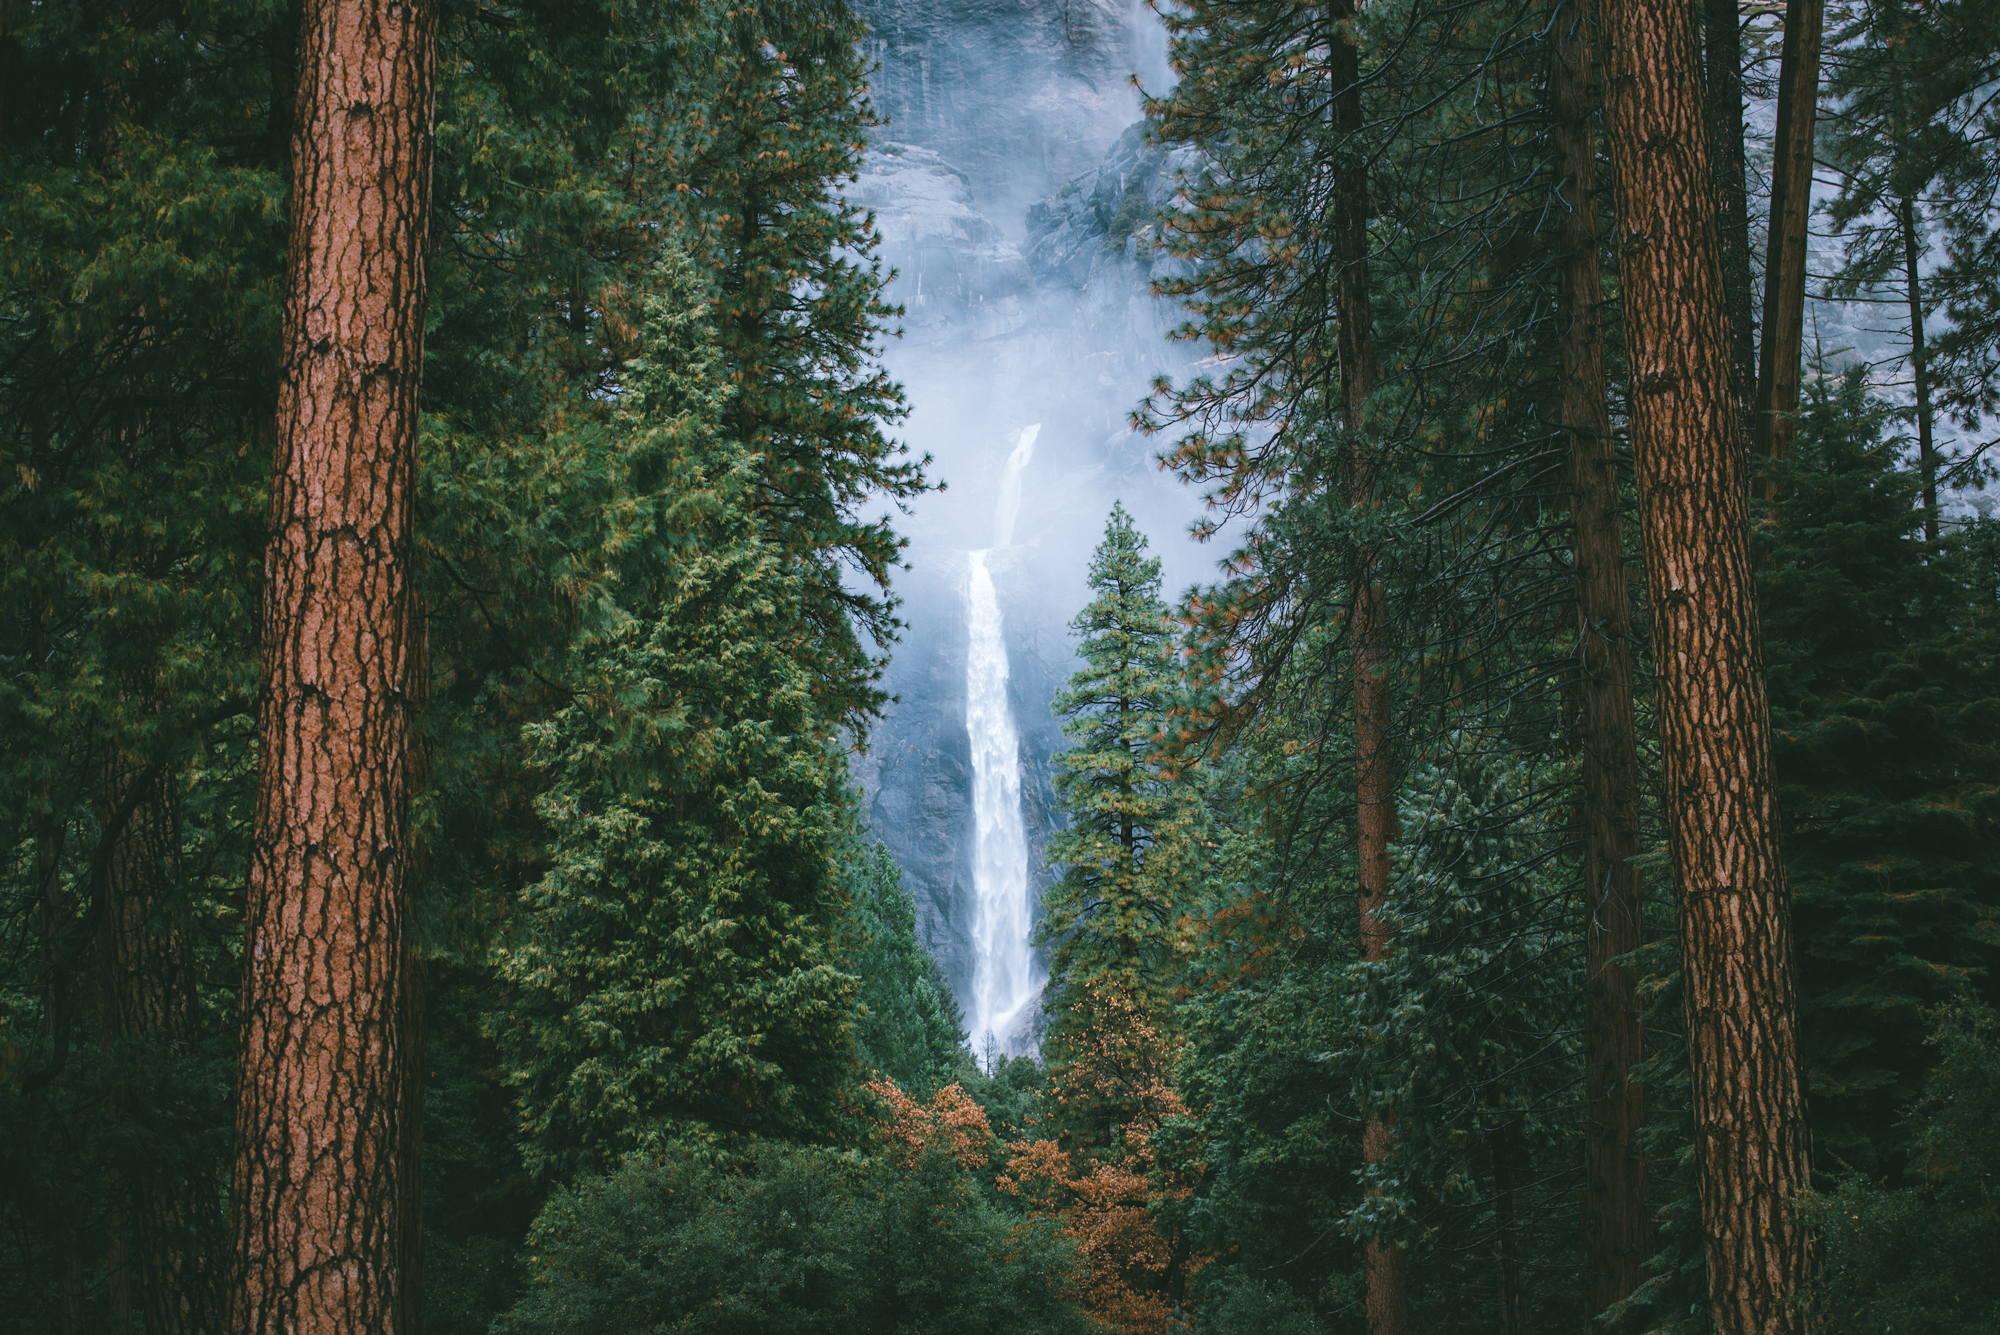 YosemiteFallsWebsite.jpg